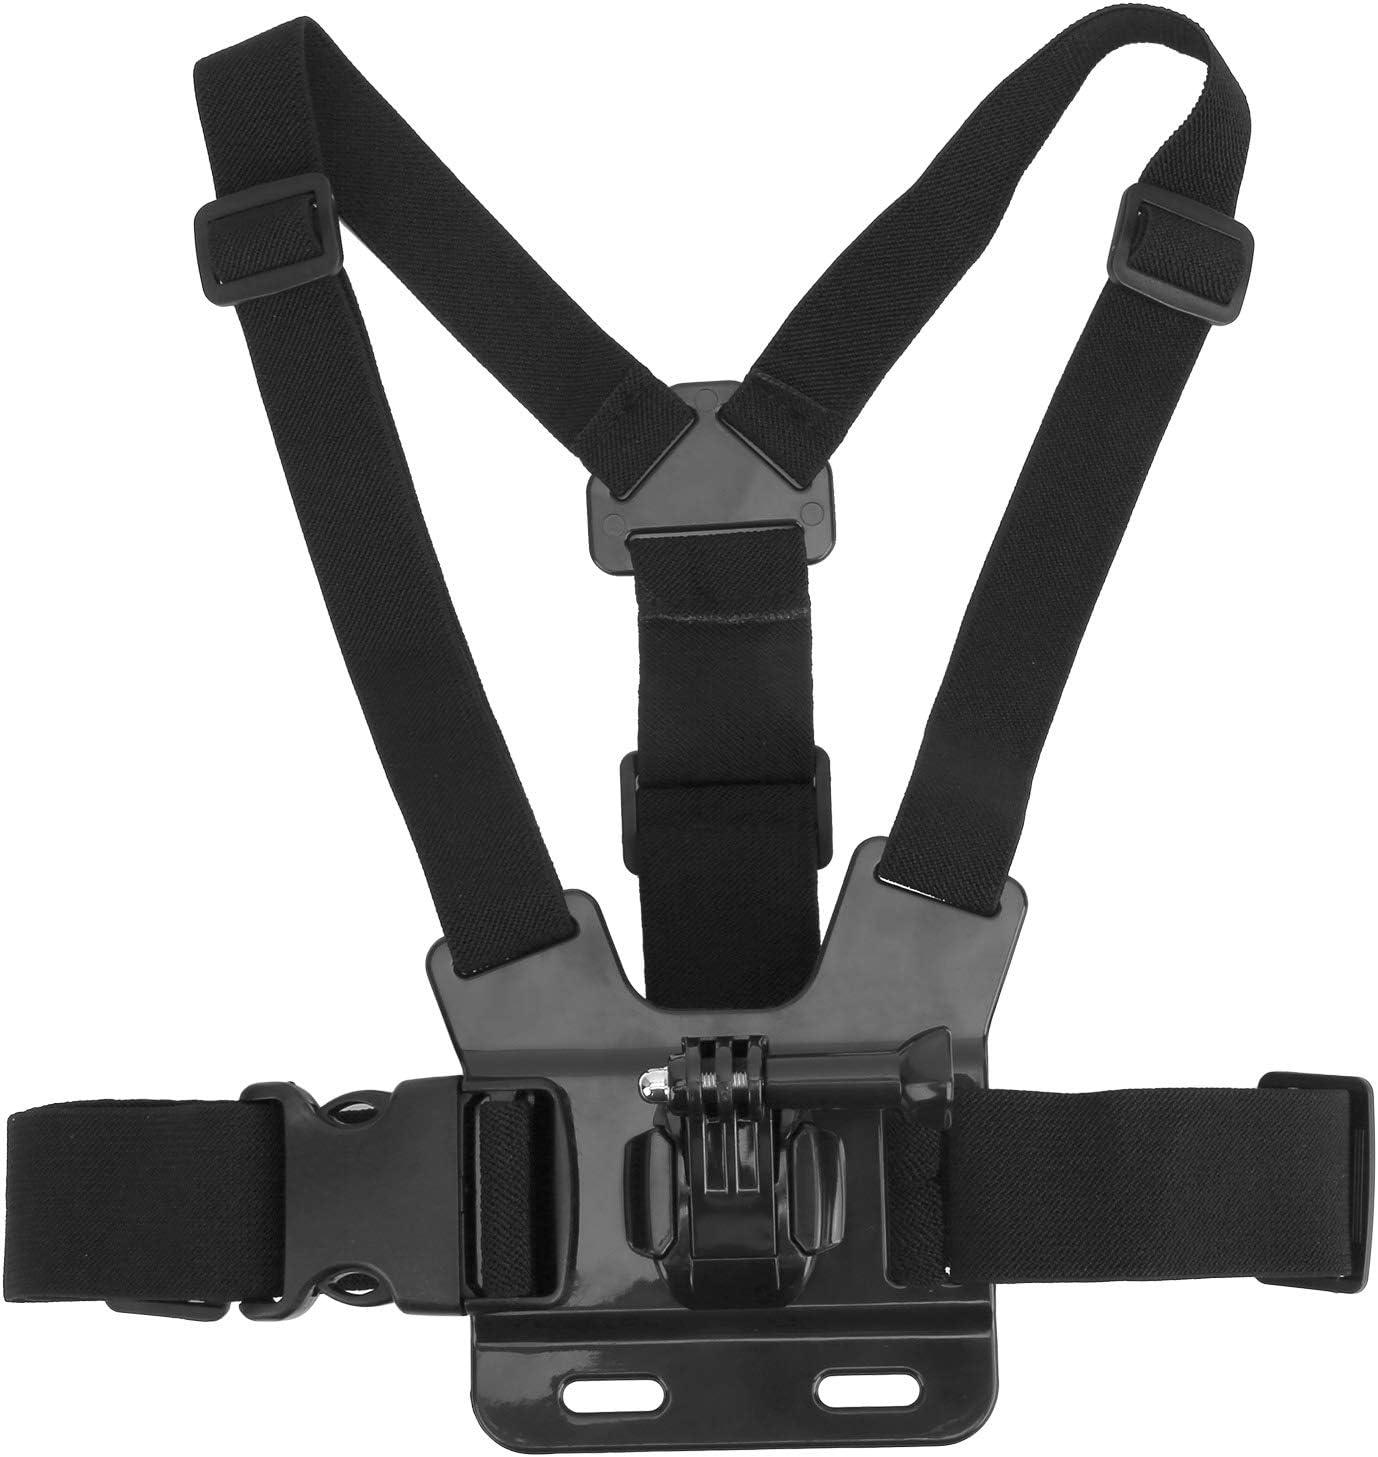 Cinturón de Montaje con Correa para el Pecho de la cámara, Bandas elásticas Ajustables para el Pecho de la cámara de 4 Puntos para dji OSMO Action para el arnés de Montaje en el Pecho Gopro 9